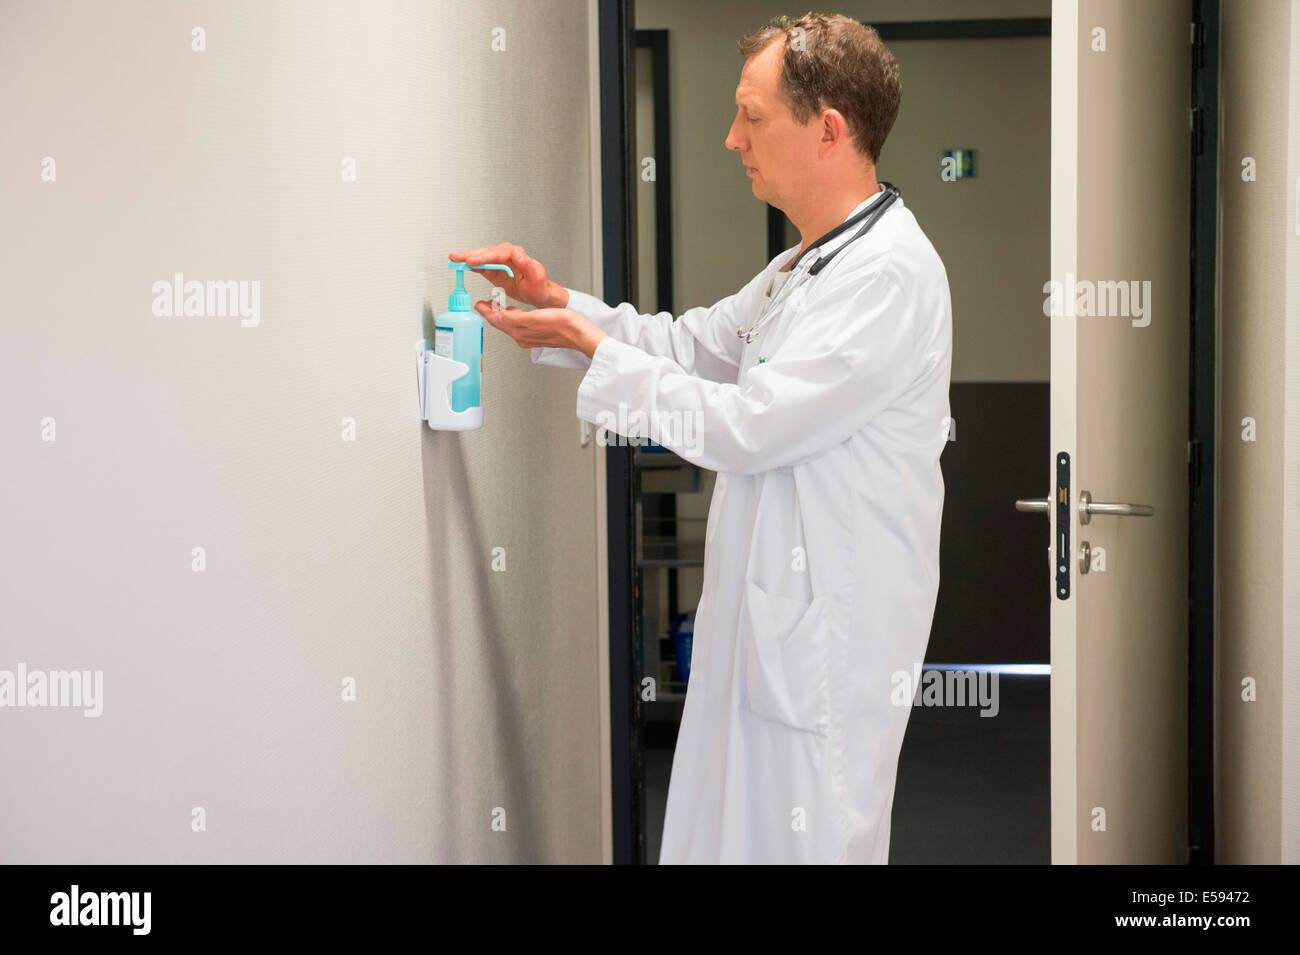 Medico maschio utilizzando igiene lavare a mano nella stanza di ospedale Foto Stock